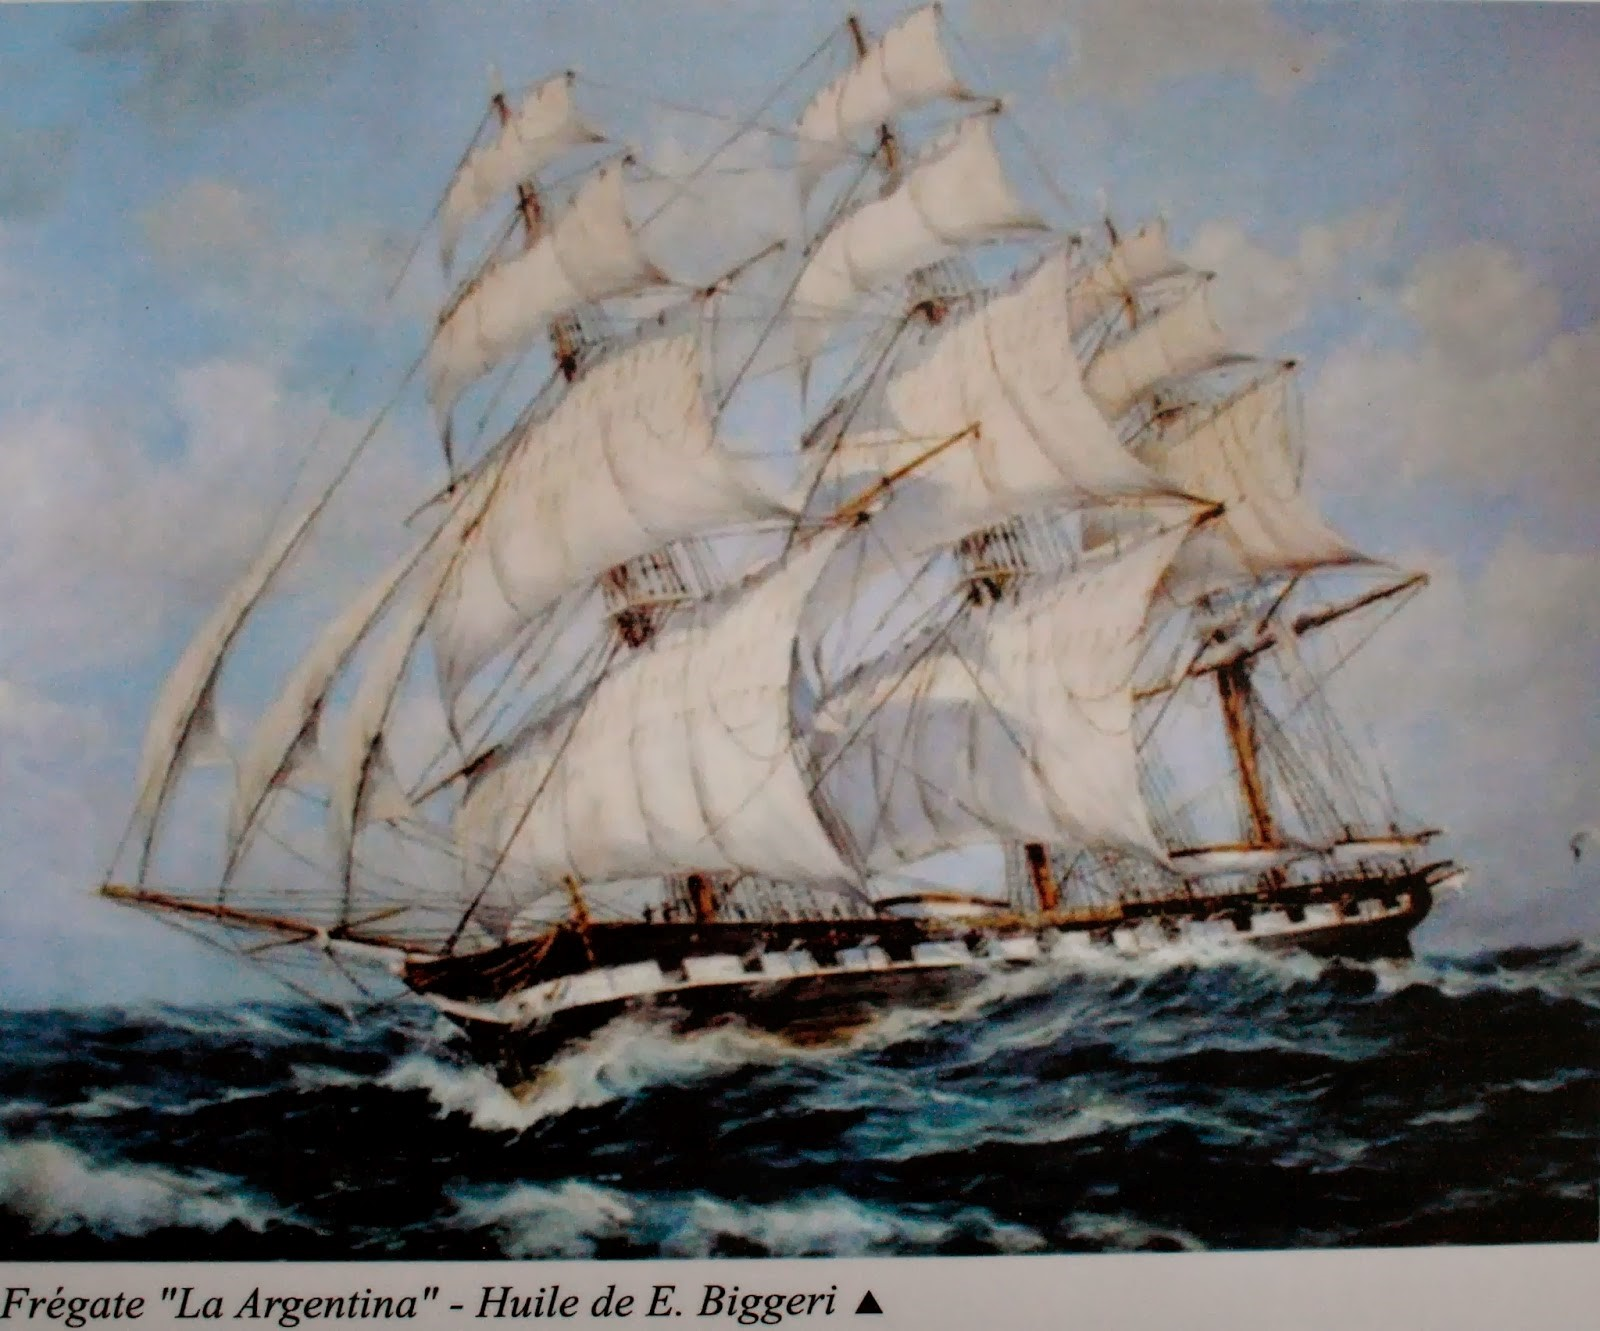 La Argentina, le trois mâts avec lequel Bouchard réalisa la première circumnavigation de l'histoire de l'Argentine.